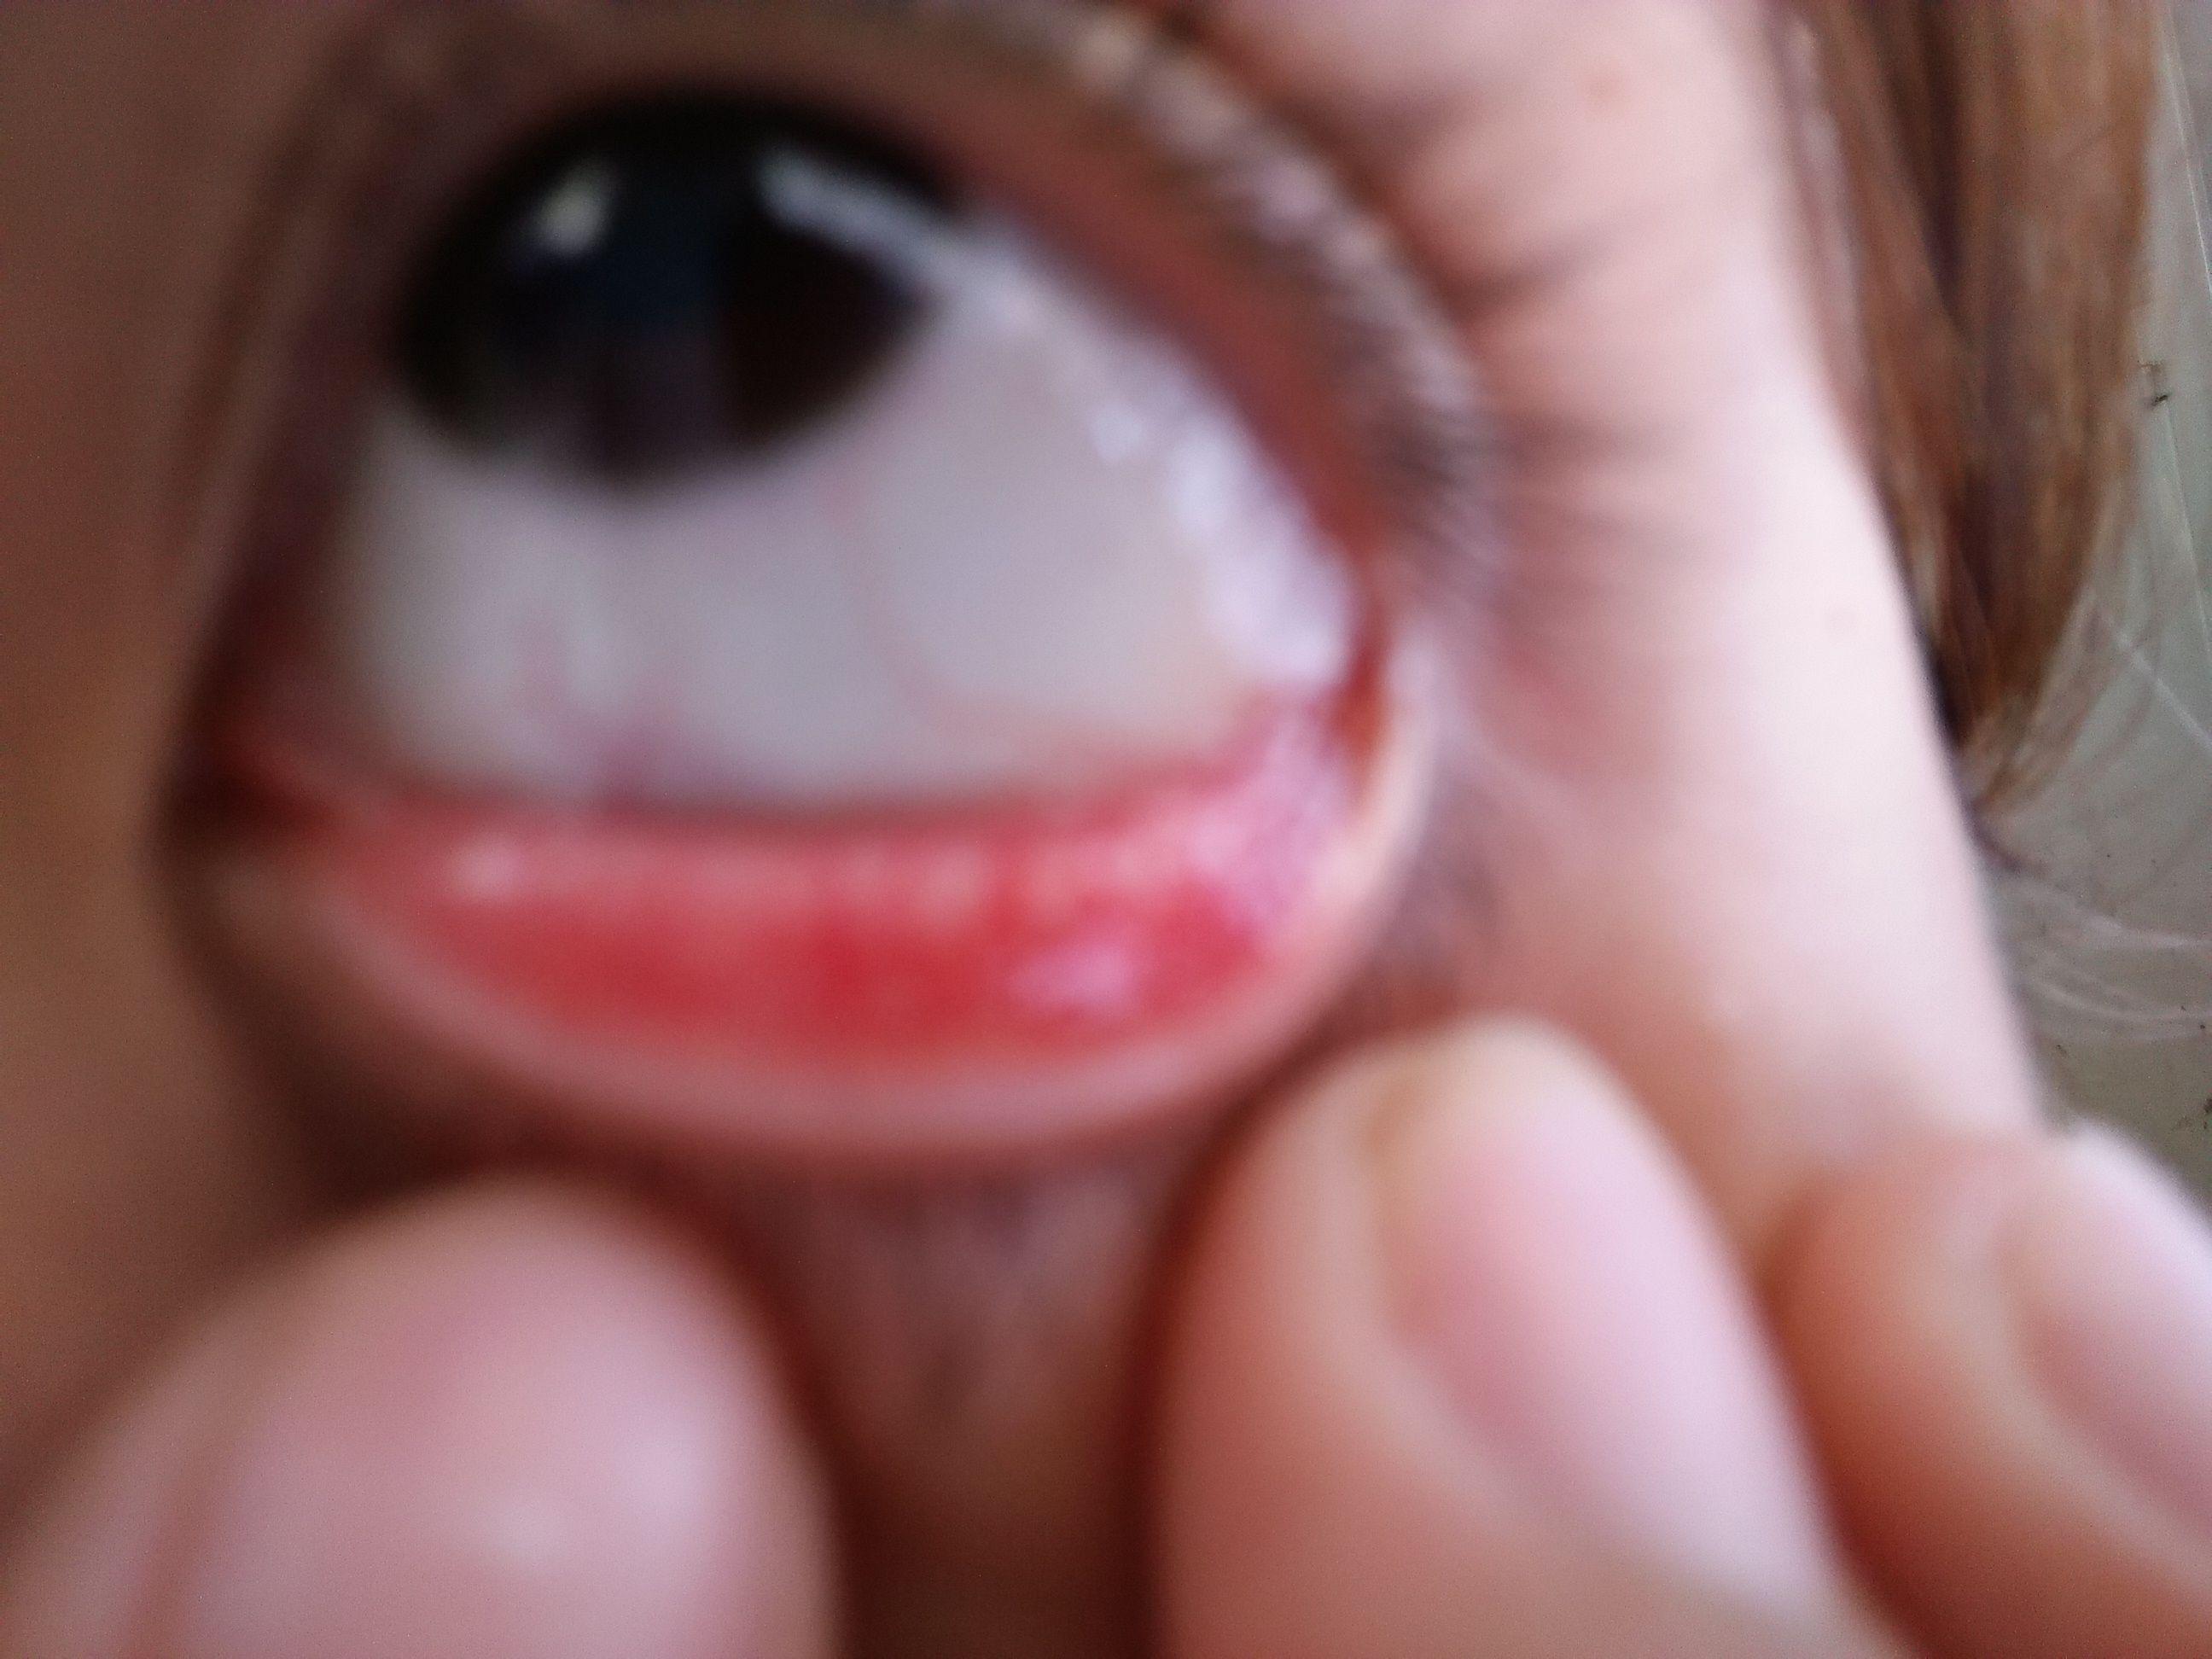 眼珠里有红血丝 怎么消除图片